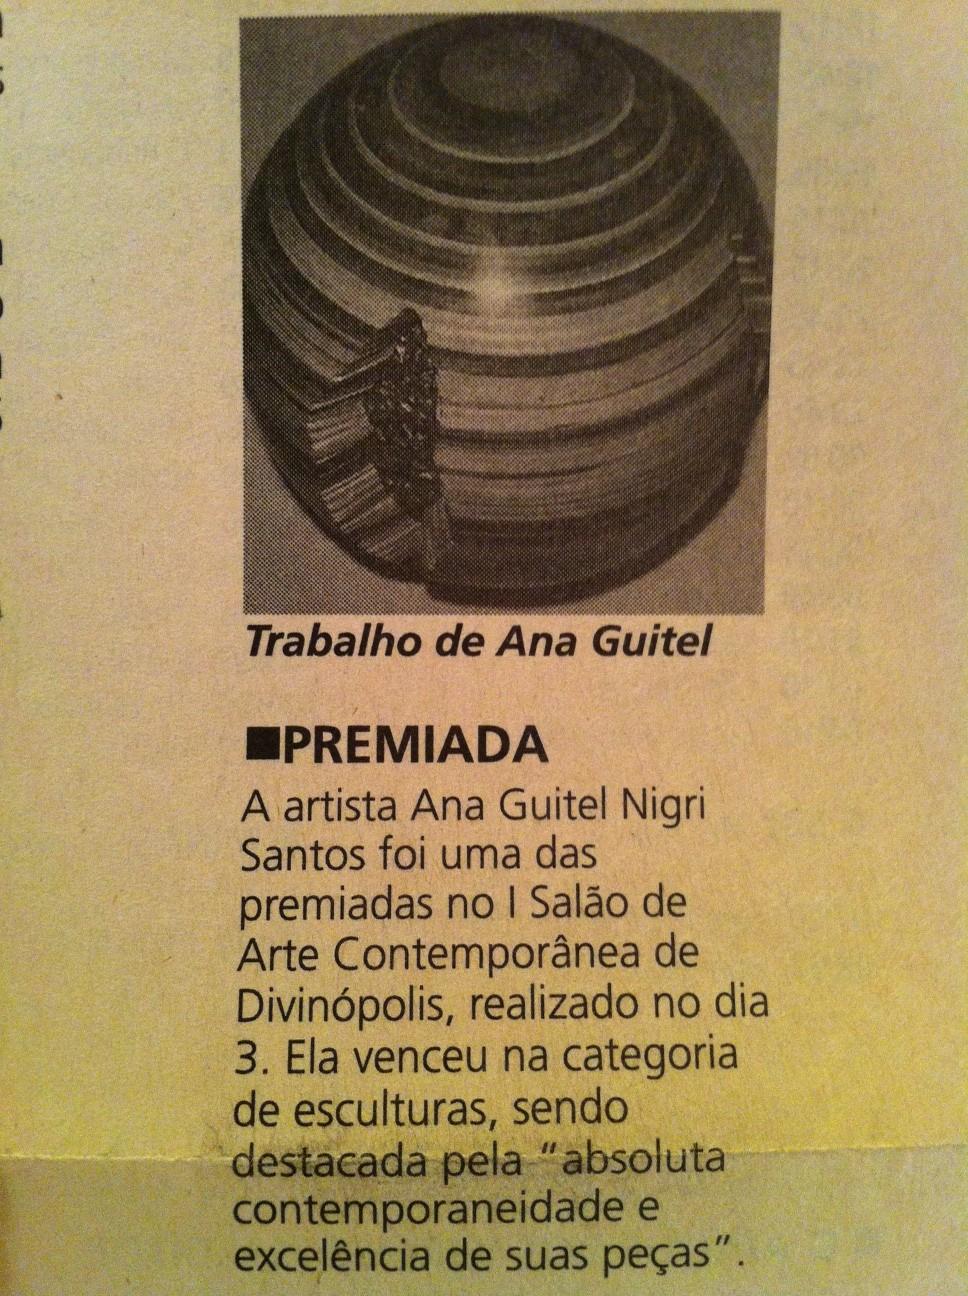 """newspaper """"HOJE EM DIA"""" 07/06/96"""